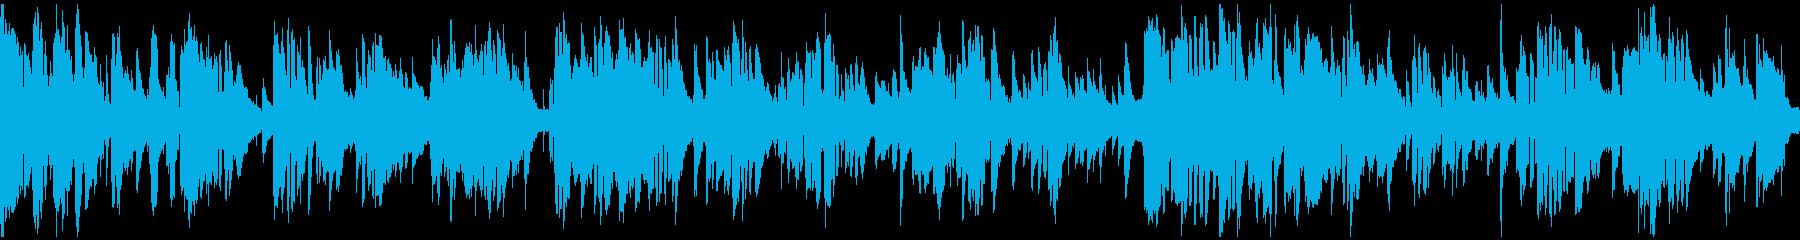 コメディお色気シーンのサックス※ループ版の再生済みの波形